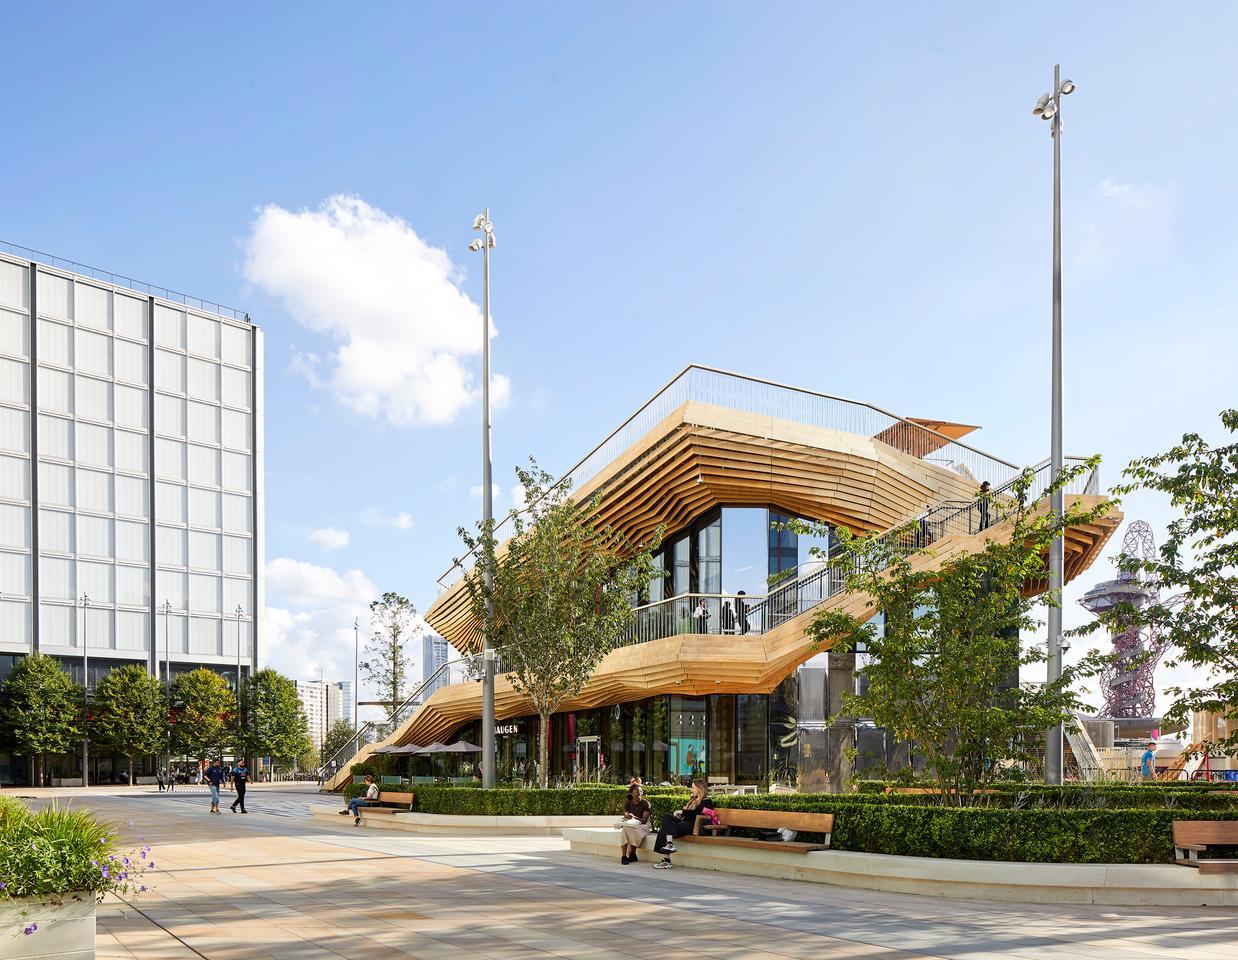 The Pavilion includes